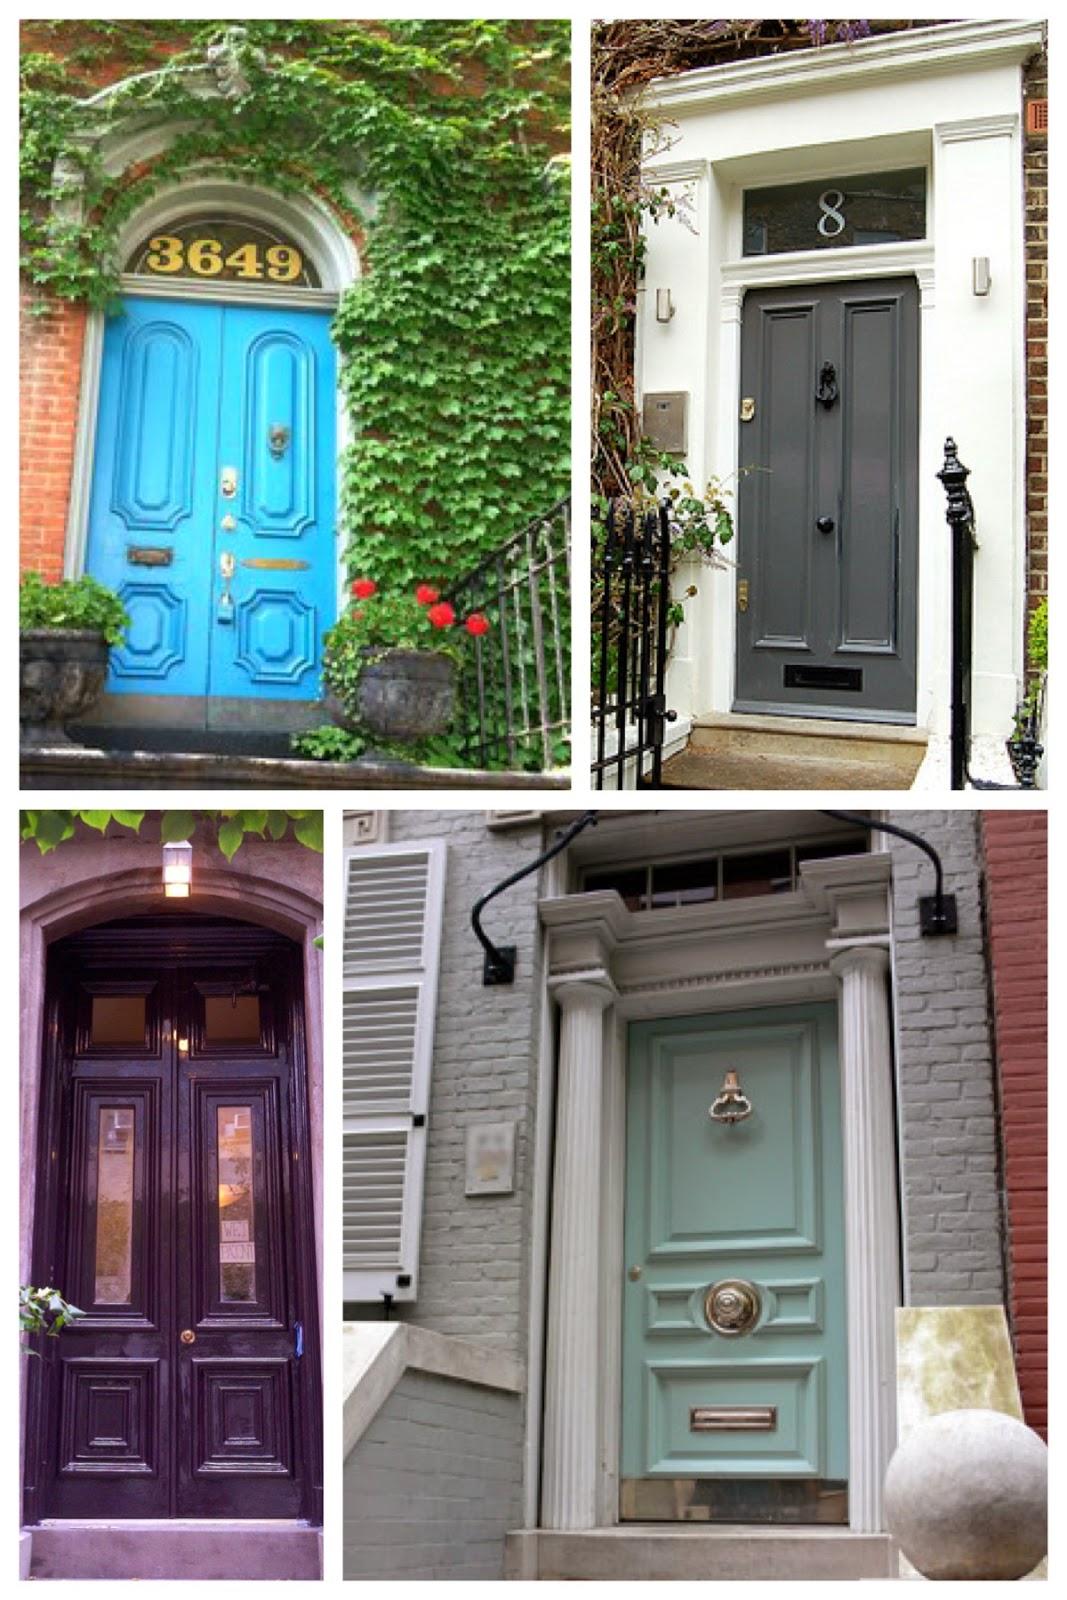 Exterior Door Colors: What Color Is Your Front Door?